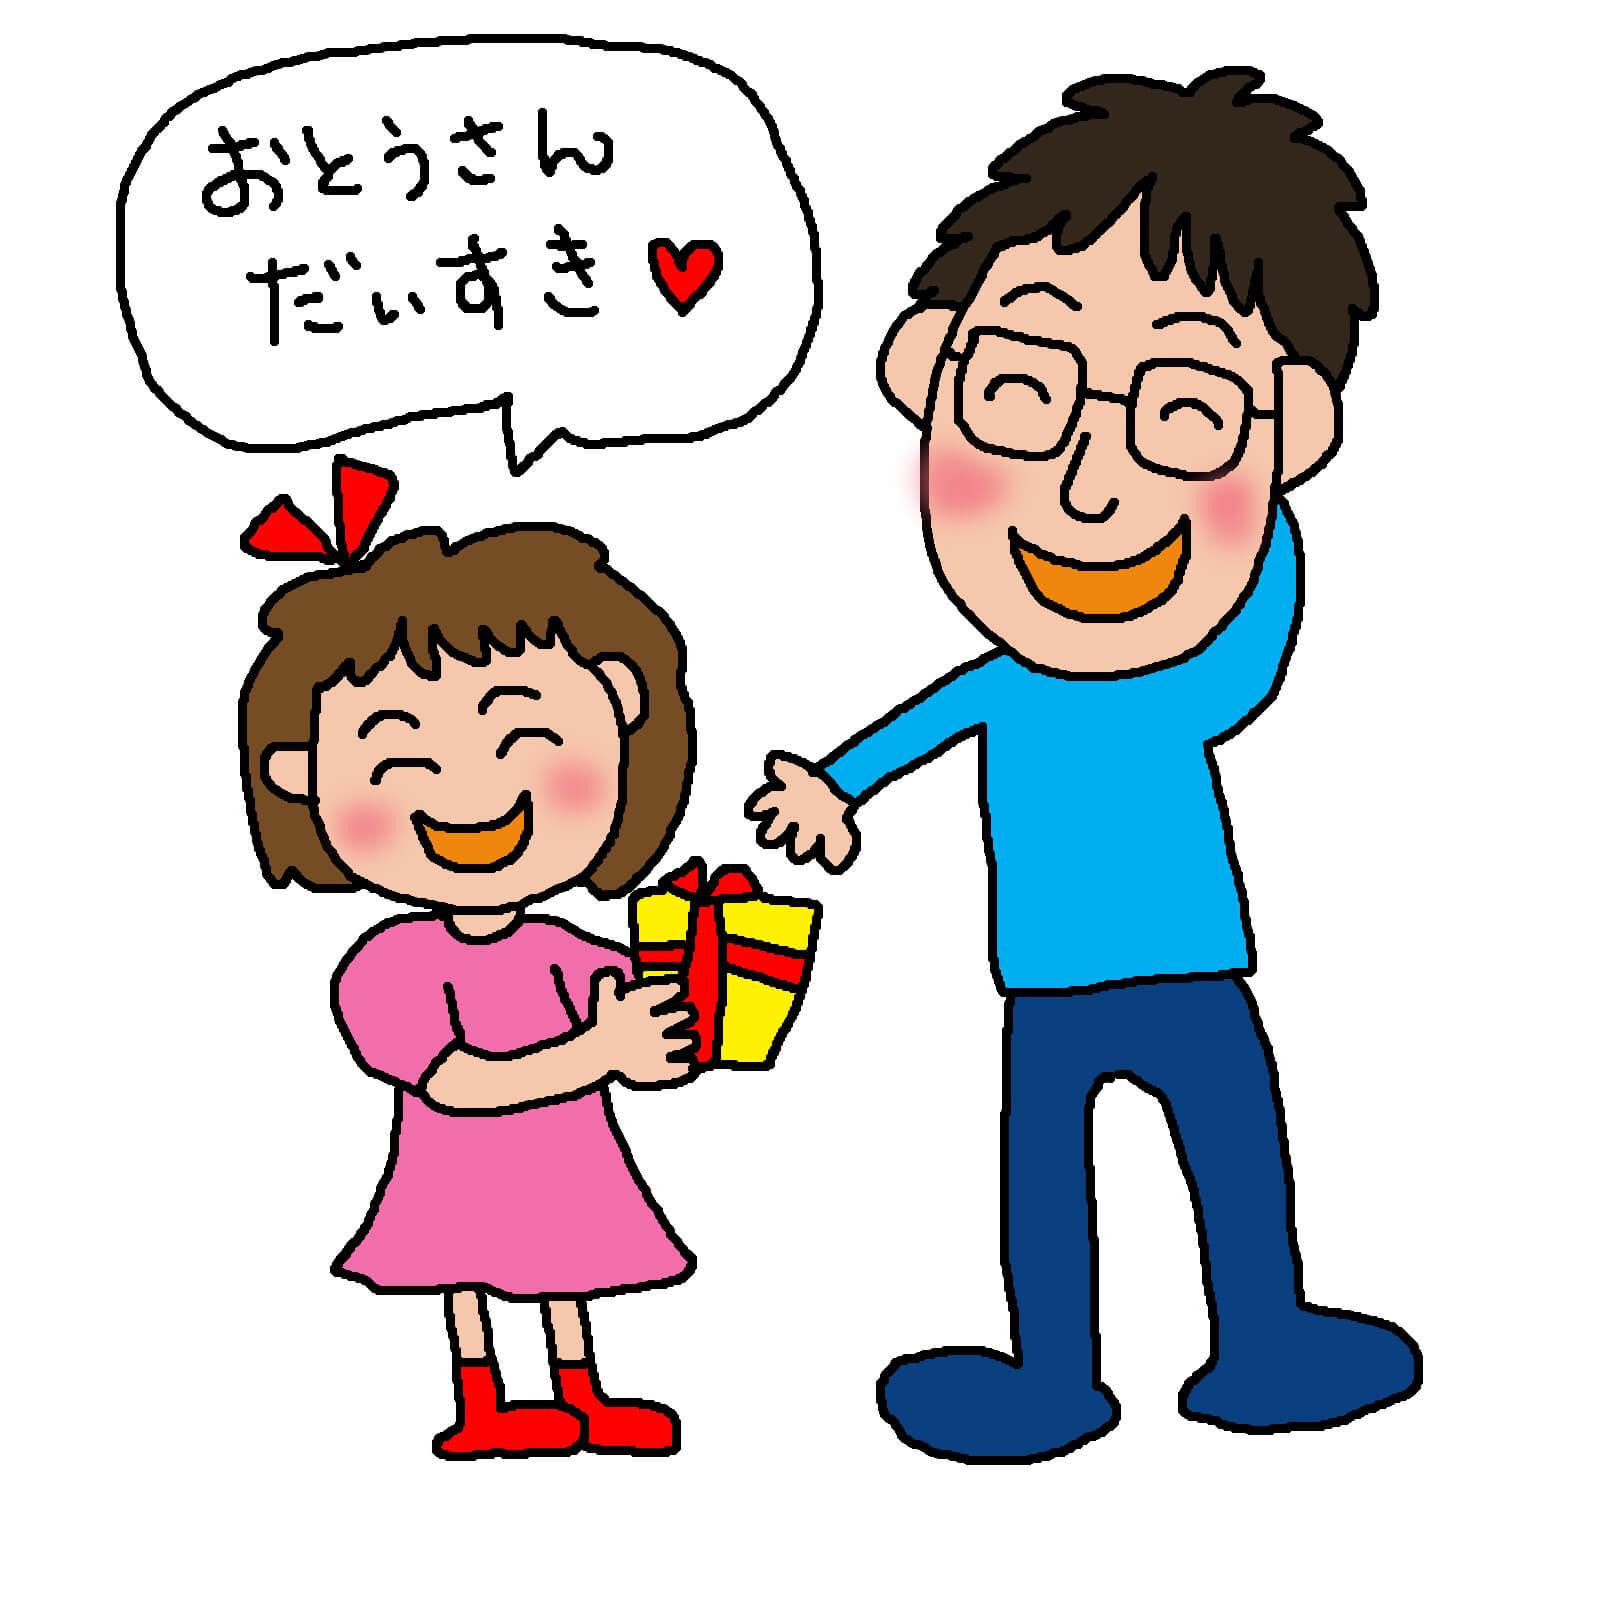 父の日の手作りプレゼント 幼児が簡単に作れる工作アイデア4選!